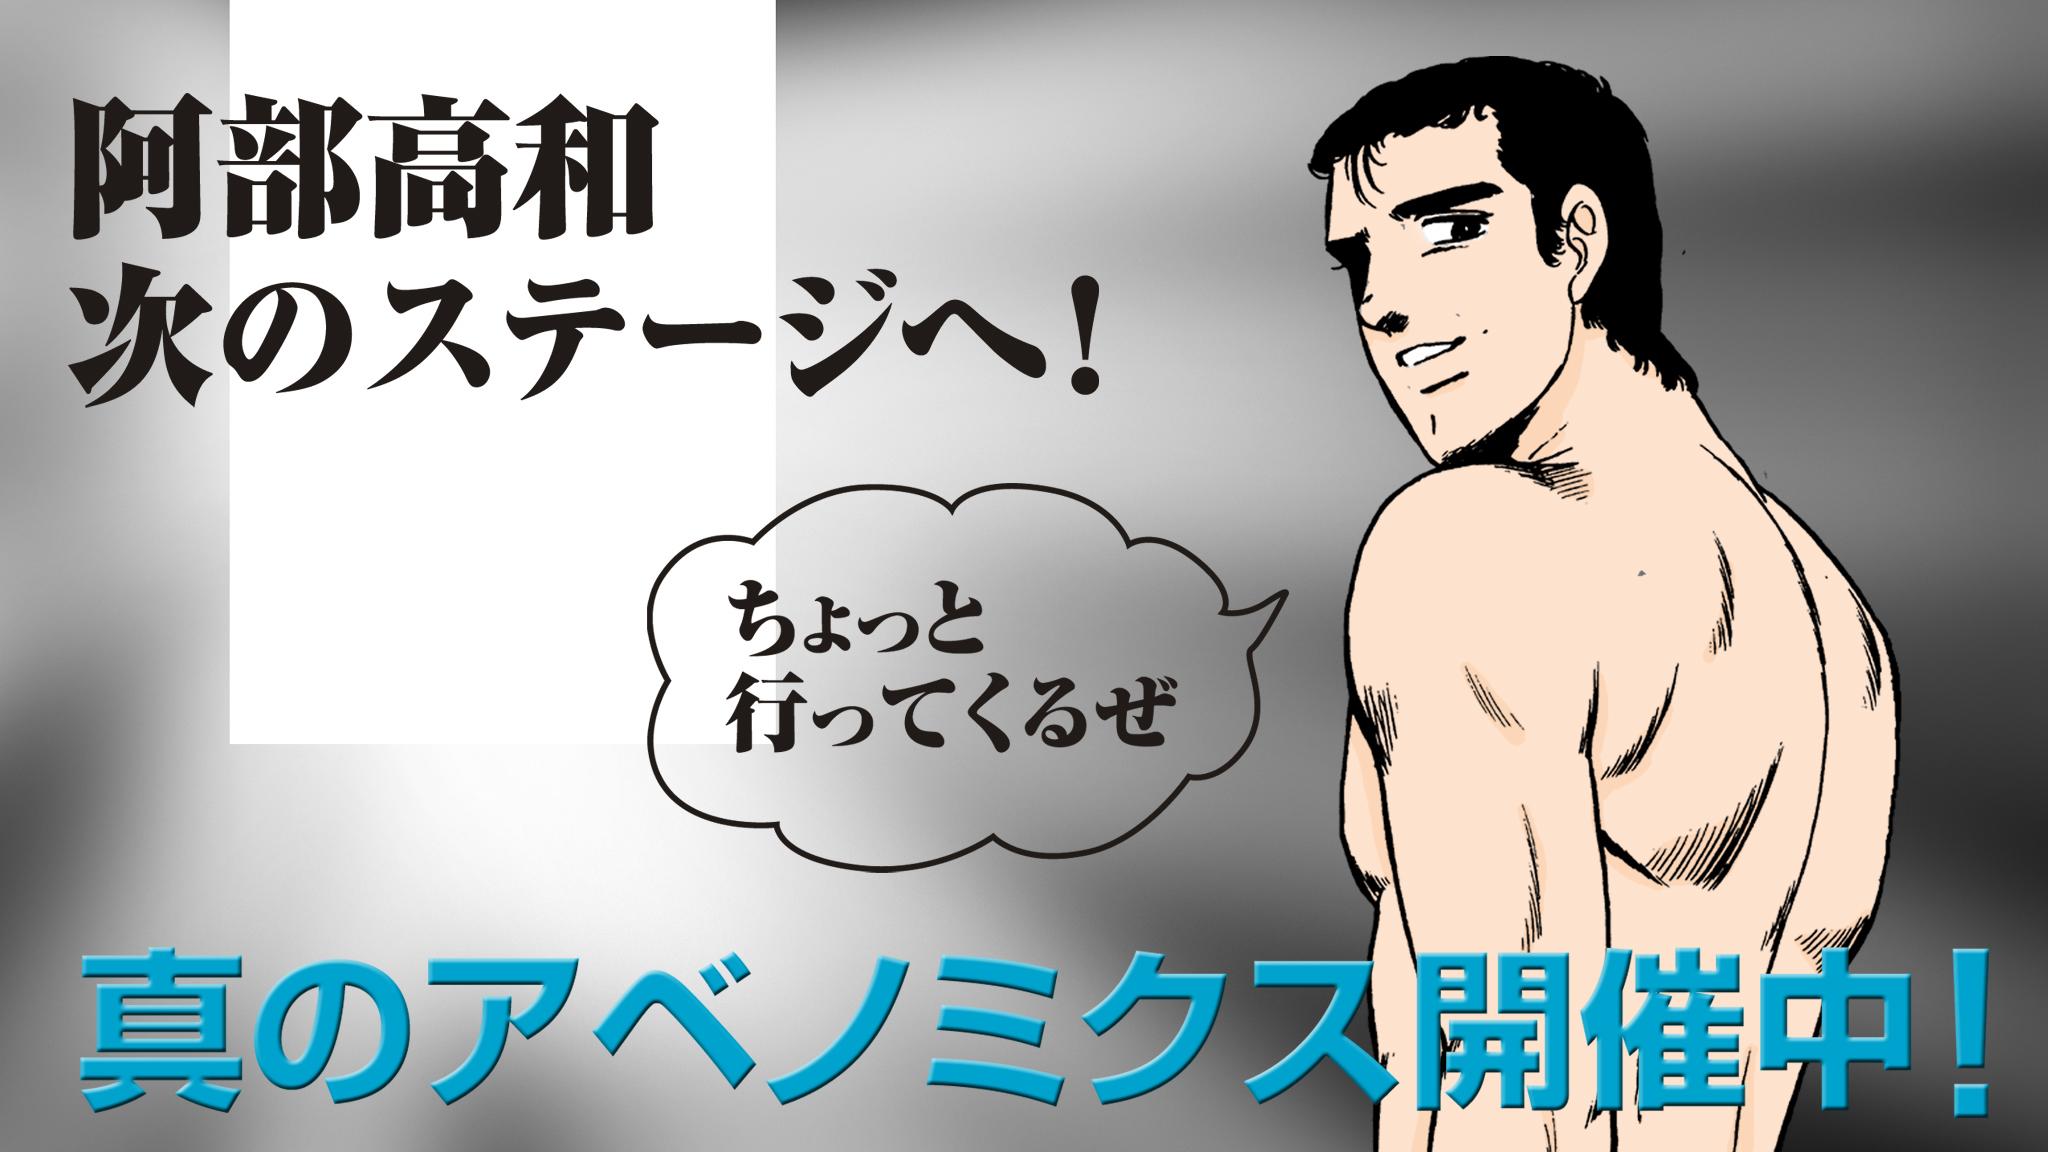 あのmobageがやらかした 阿部高和がアバターデビュー アキバ日報